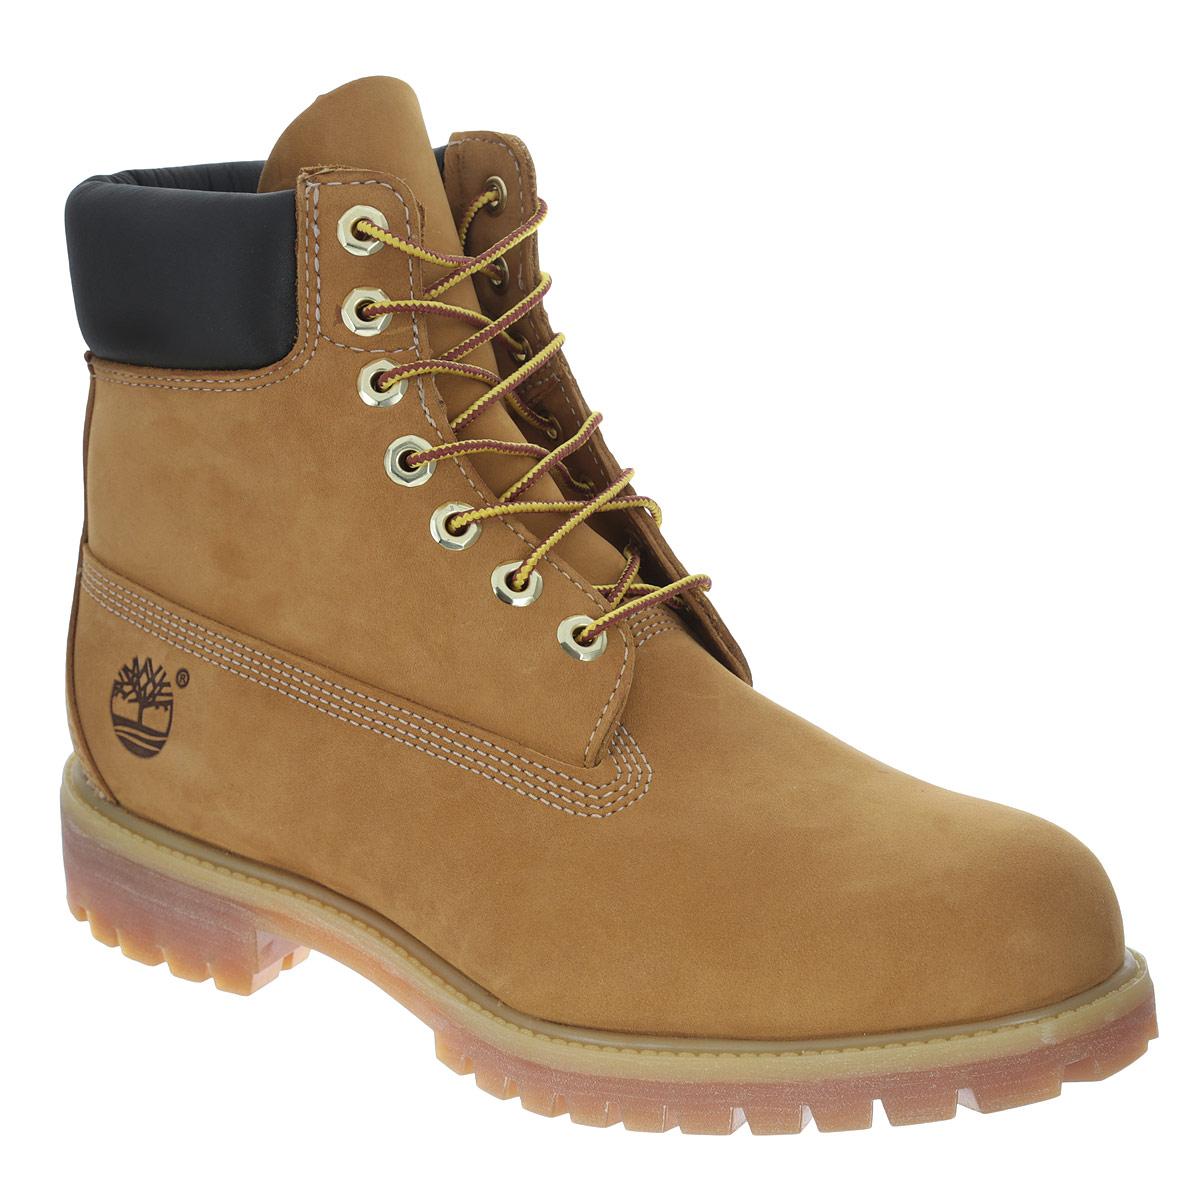 Ботинки мужские Timberland 6-inch Premium Boot, цвет: песочный. TBL10061W. Размер US 7,5 (40)TBL10061WВысокие мужские ботинки 6-inch Premium Boot от Timberland заинтересуют вас своим дизайном с первого взгляда! Модель изготовлена из натурального нубука и оформлена декоративной прострочкой, задним ремнем, оригинальным плетением на шнурках, сбоку - тисненым логотипом бренда. Высокий язычок и шнуровка обеспечивают плотное прилегание верхней части ботинок к ноге, создавая дополнительную теплозащиту. Съемная стелька EVA с поверхностью из натуральной кожи обеспечивает максимальный комфорт при движении. Каблук и подошва с протектором гарантируют идеальное сцепление с любыми поверхностями.Модные ботинки не оставят вас незамеченным!